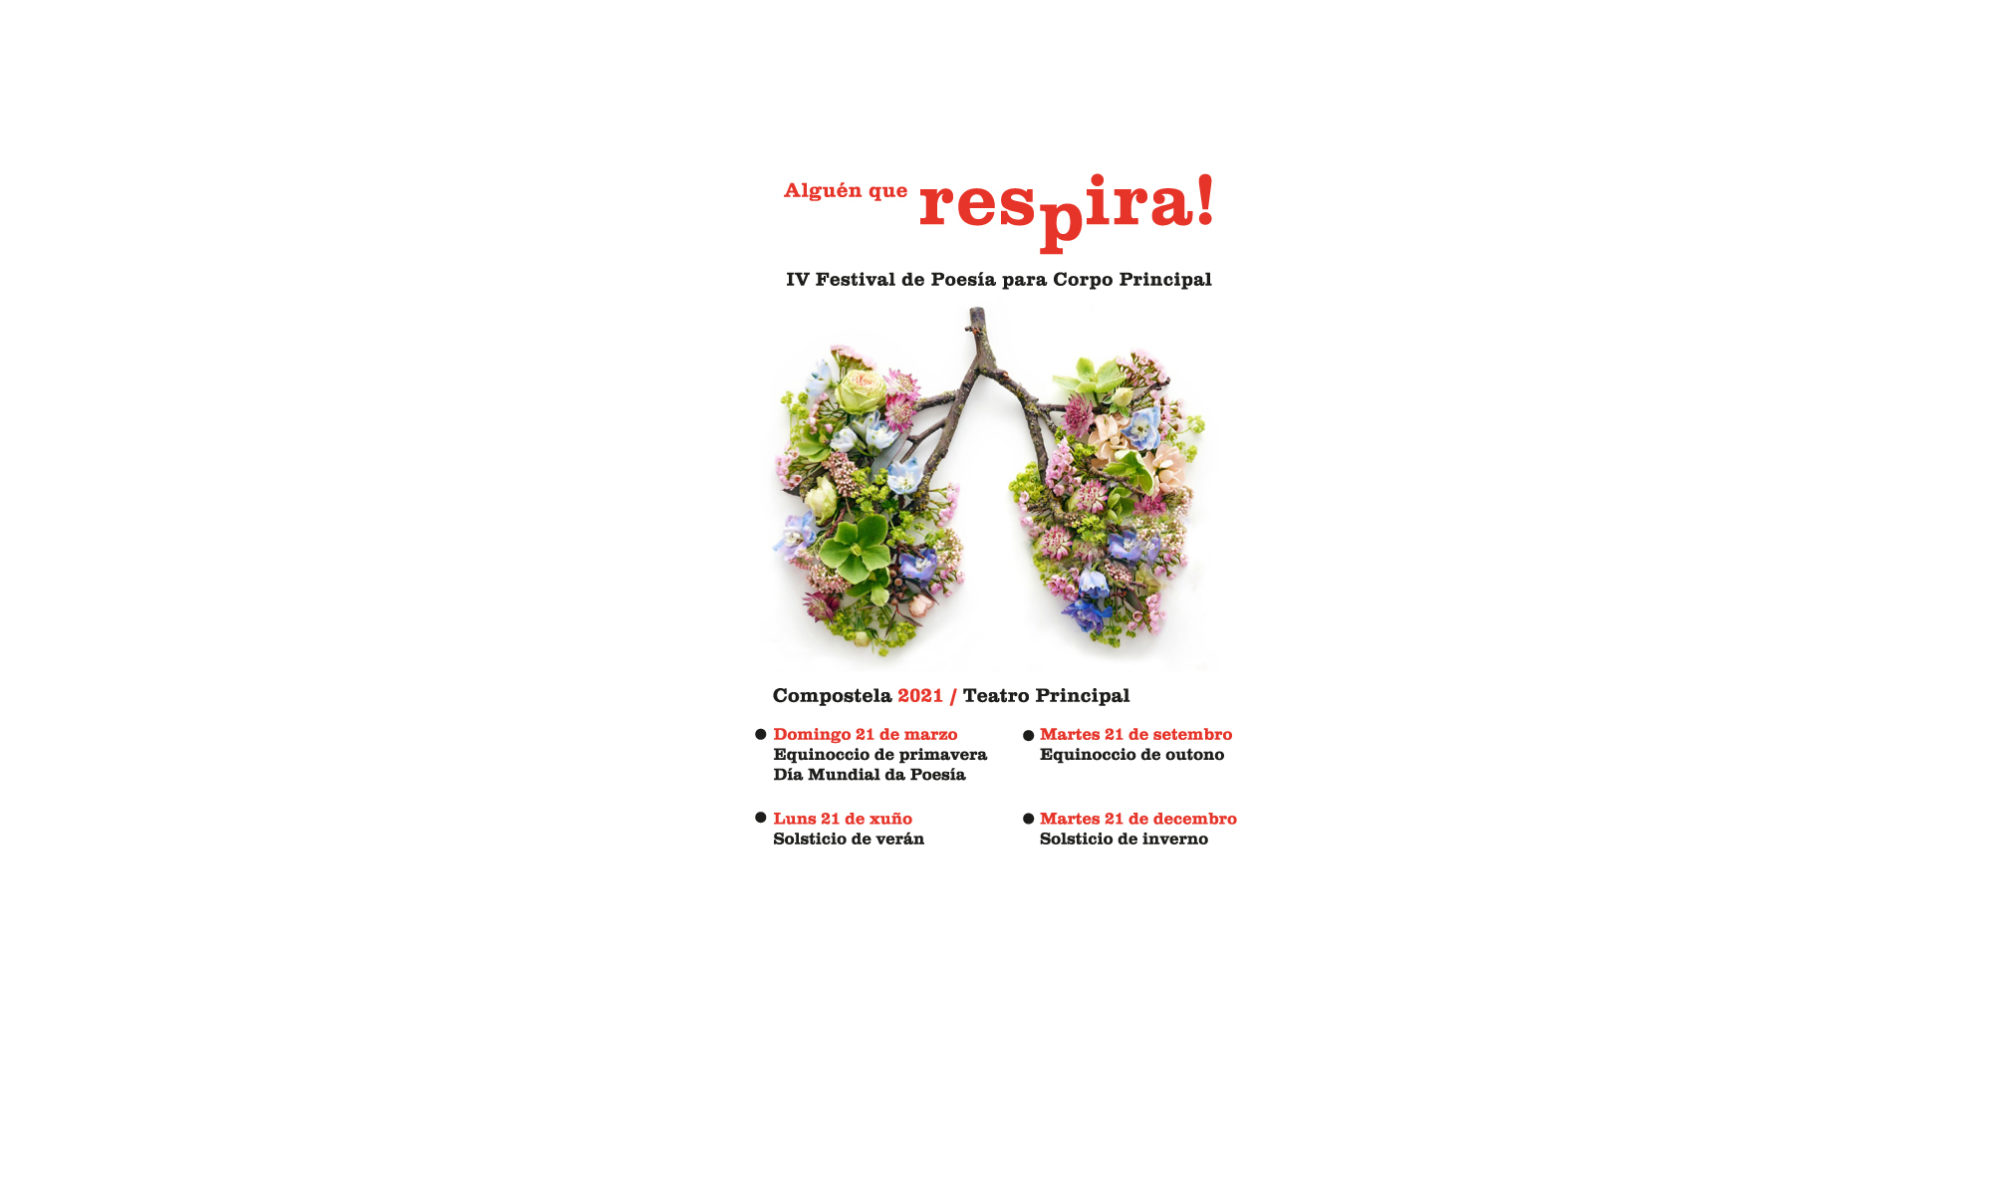 ALGUÉN QUE RESPIRA! Festival de Poesía para Corpo Principal